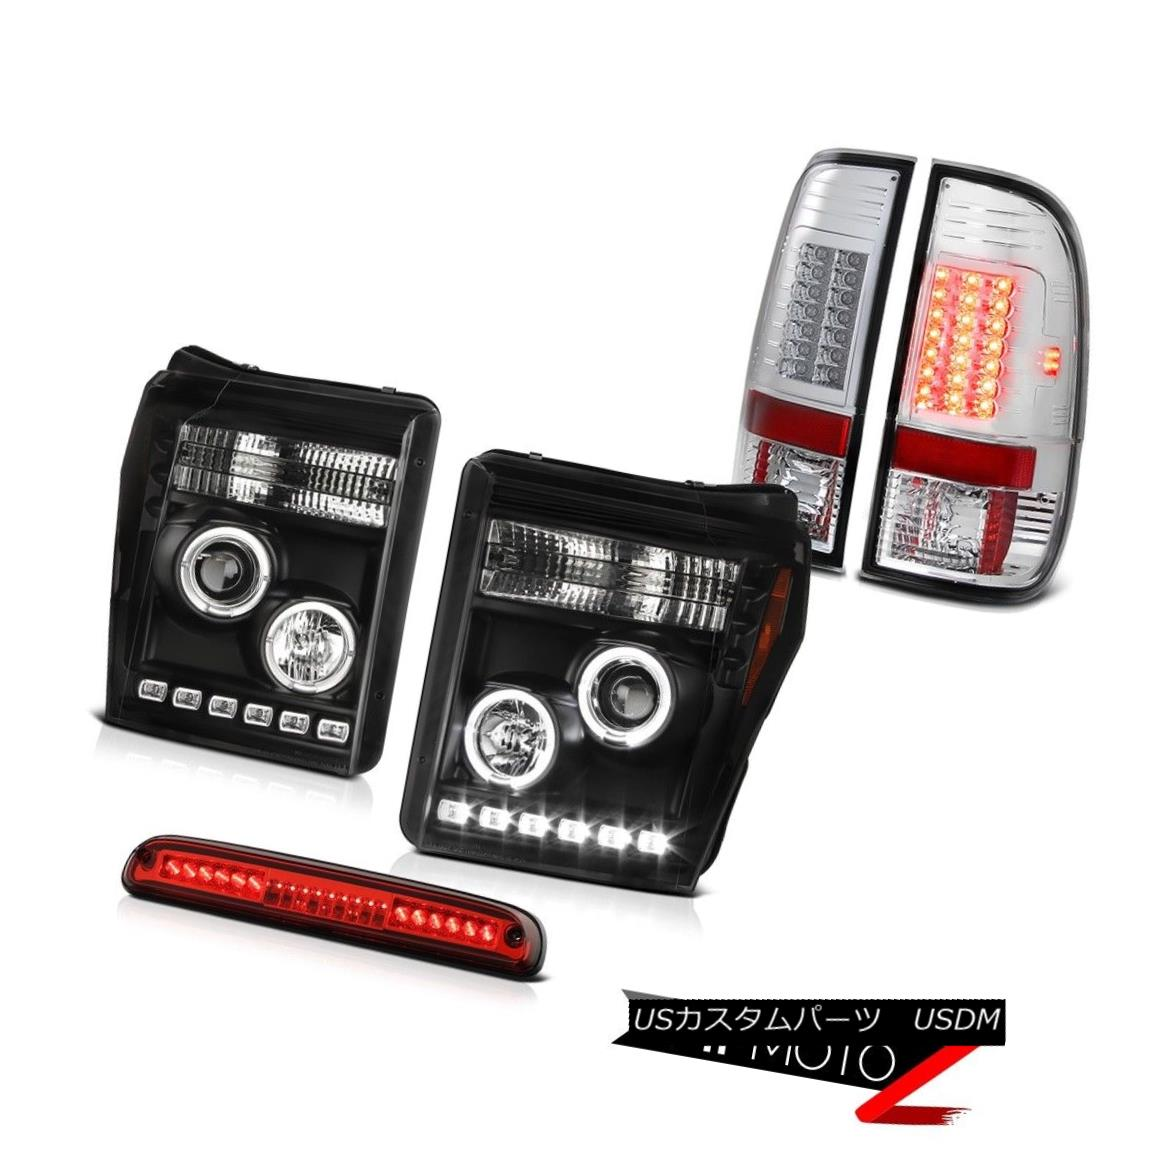 ヘッドライト 2011-2016 F250 Platinum 3RD Brake Lamp Parking Lights Infinity Black Headlights 2011-2016 F250プラチナ3RDブレーキランプパーキングライトインフィニティブラックヘッドライト